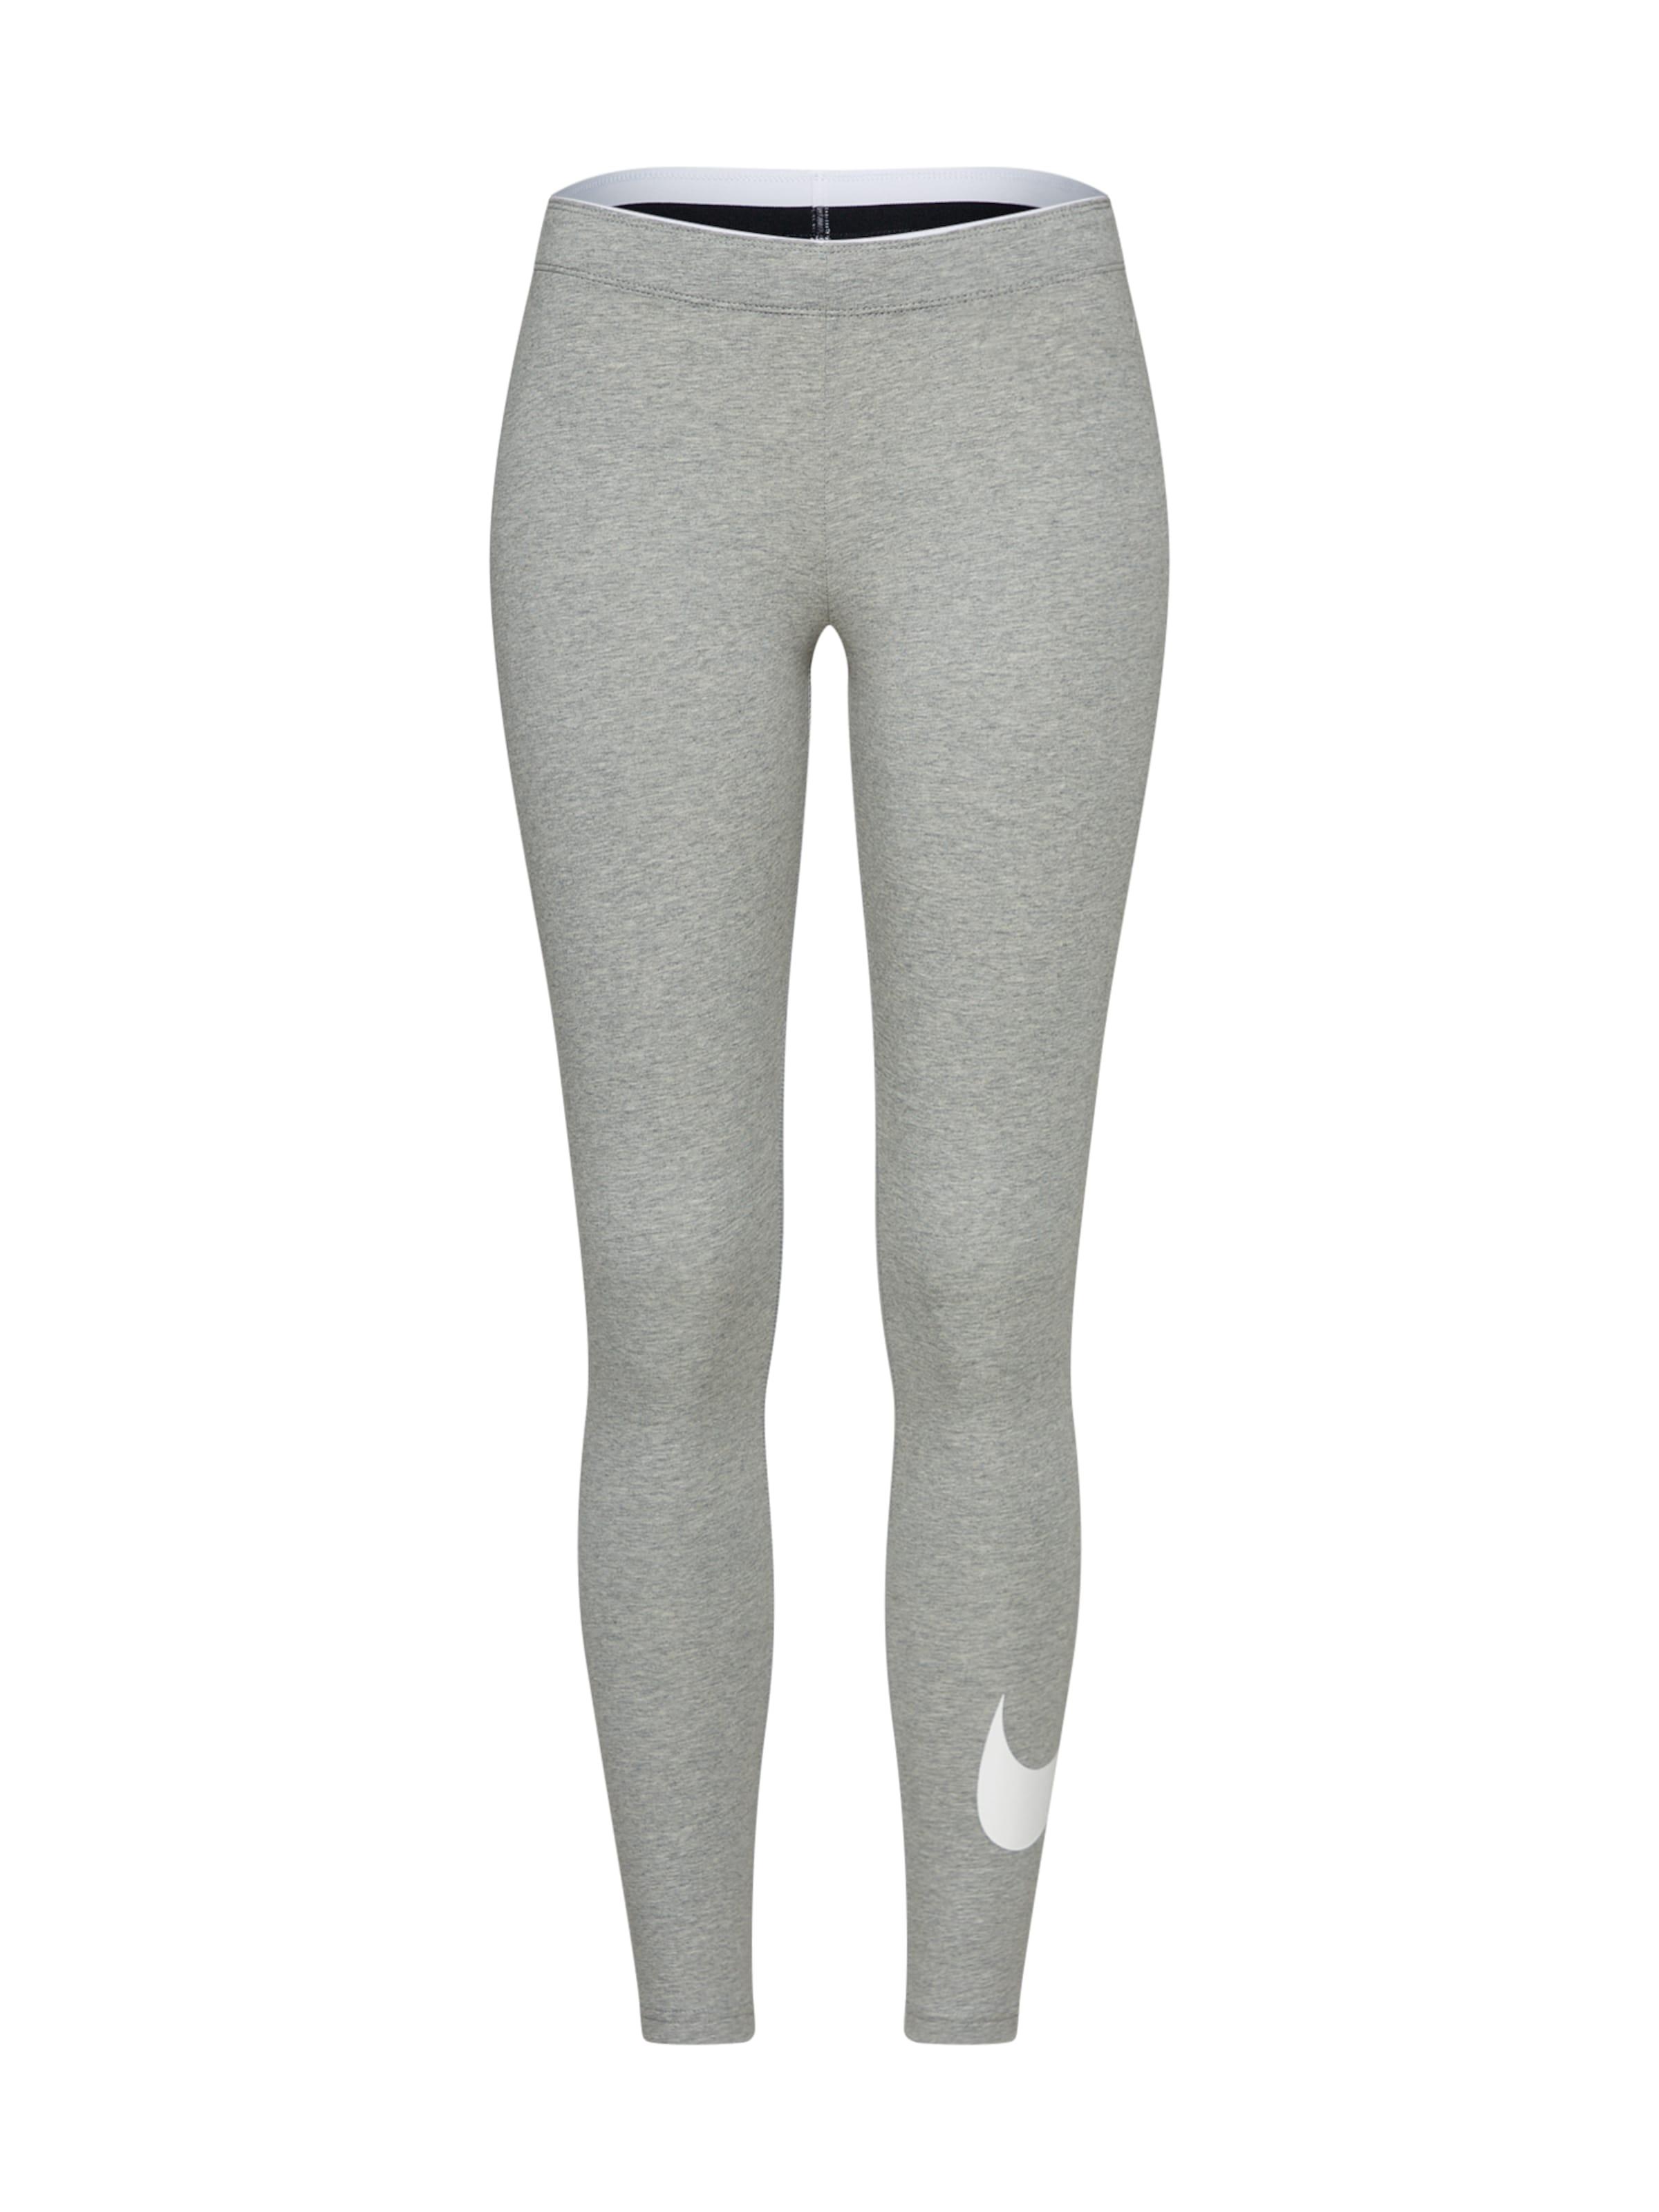 Sportswear Nike Leggings Sportswear Graumeliert In Nike lFcT1KJ